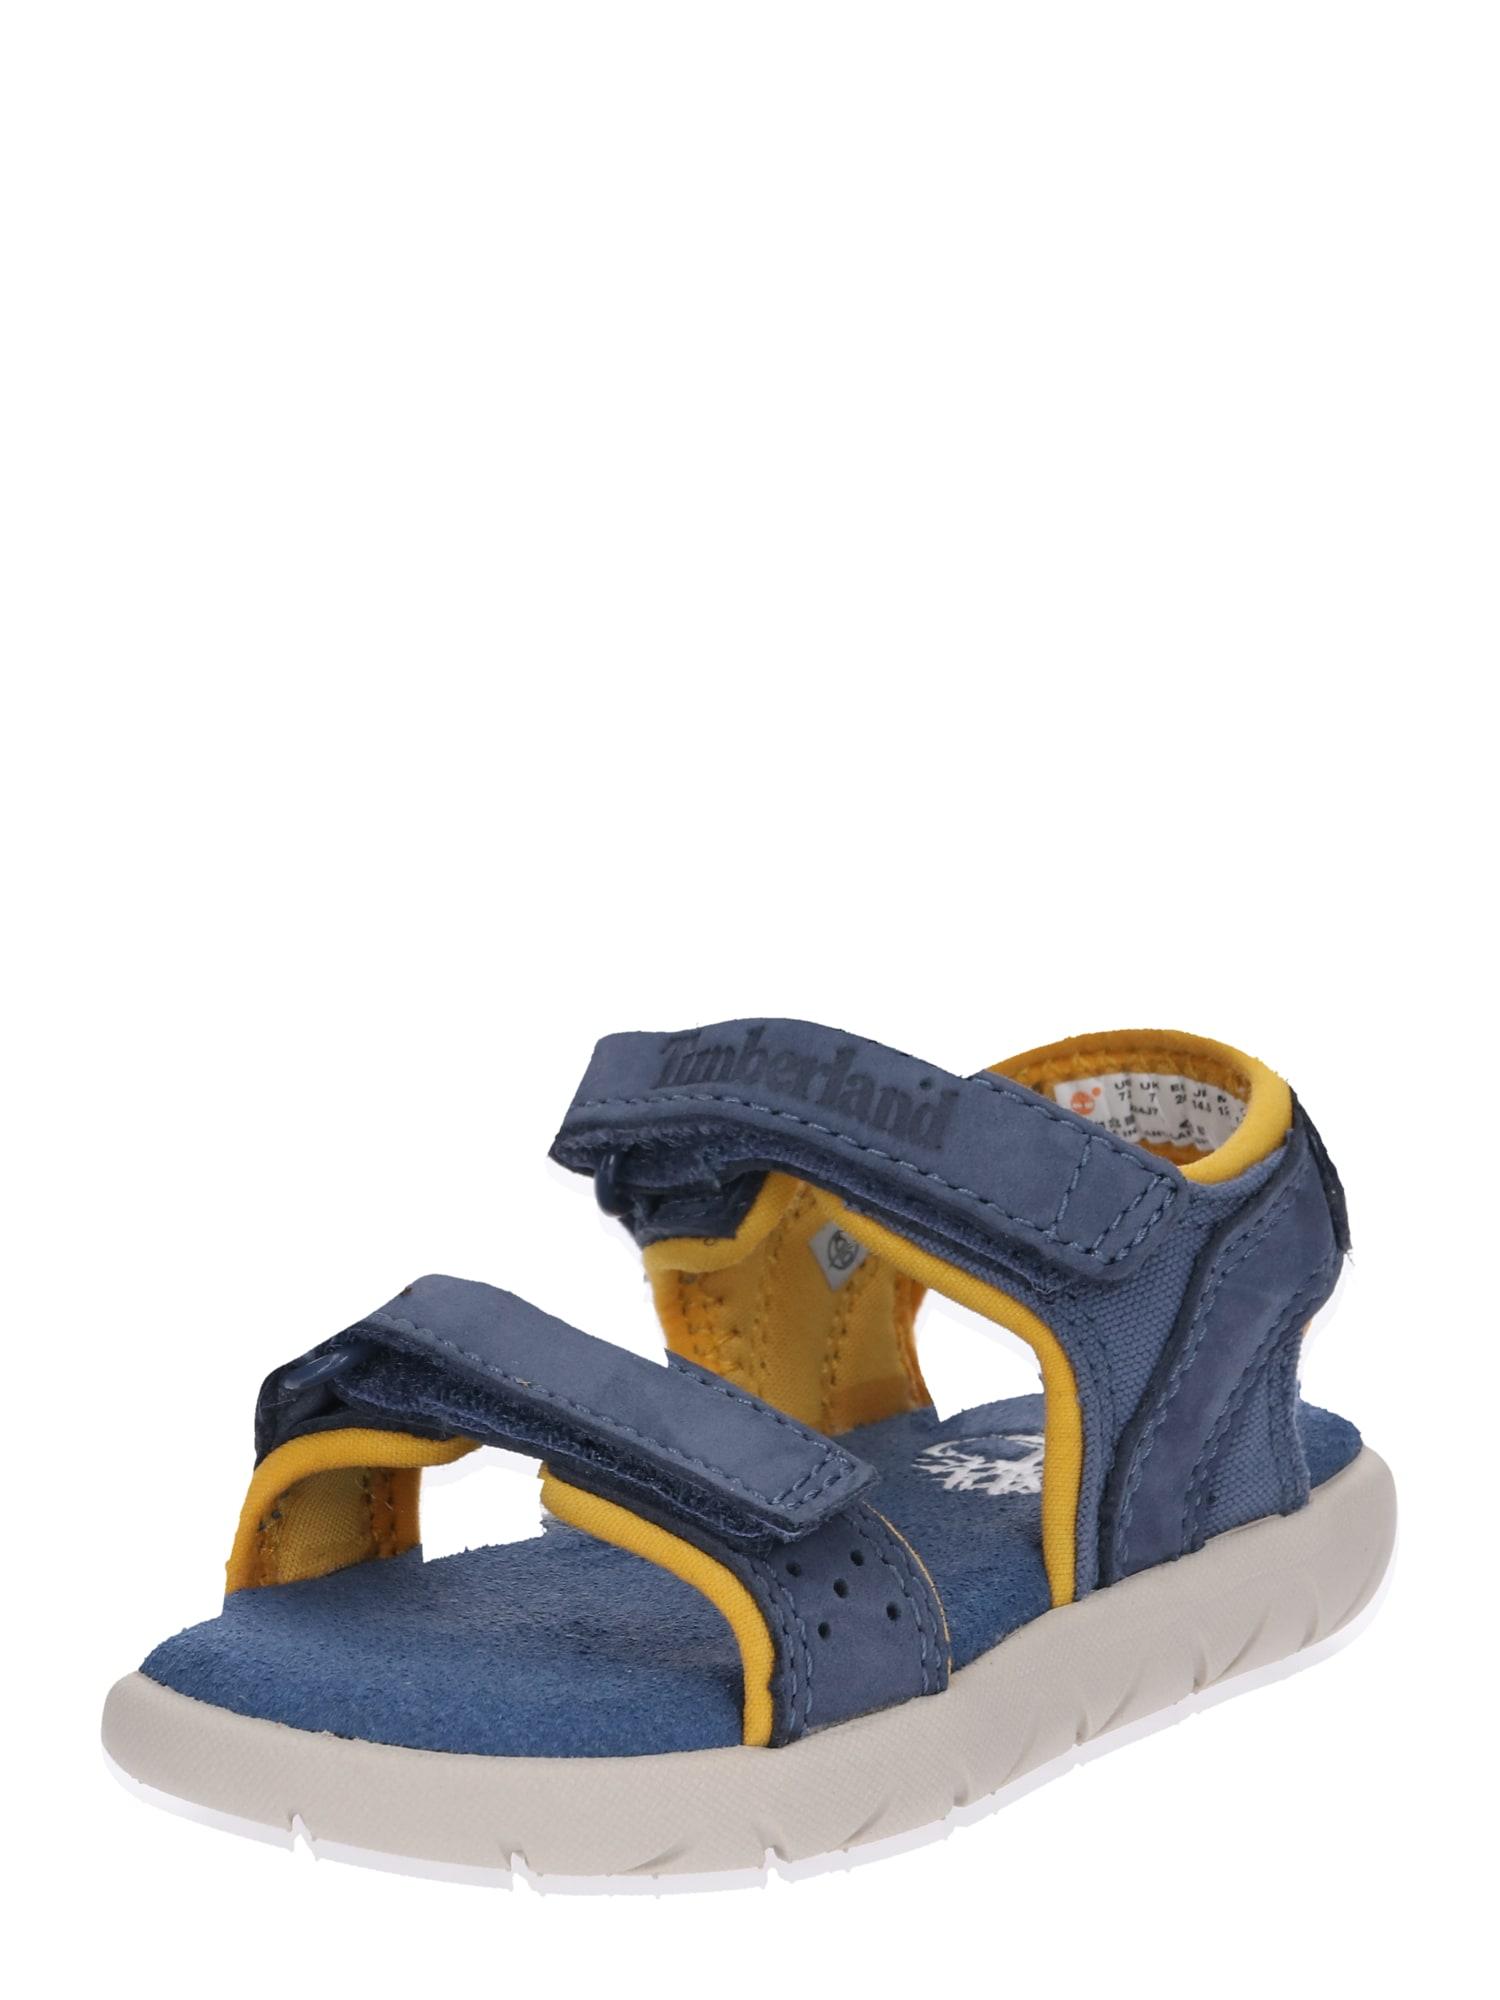 Otevřená obuv Nubble LF 2 Strap Sandal modrá TIMBERLAND